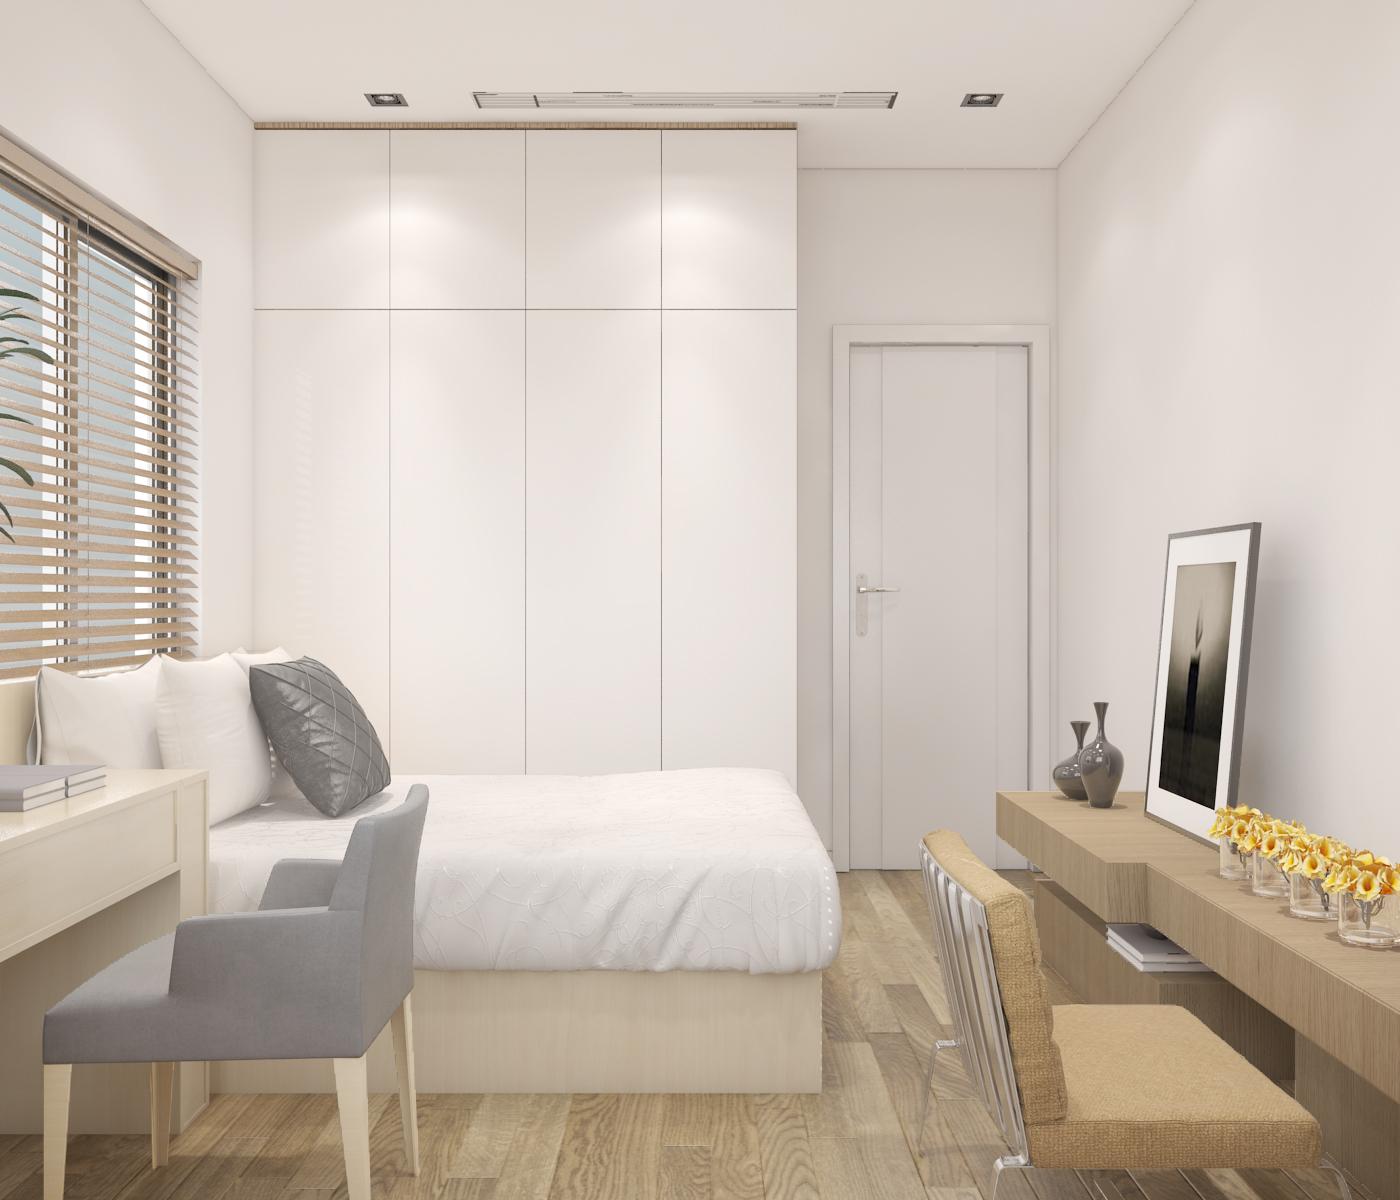 thiết kế nội thất Biệt Thự tại Hà Nội bt Vinhomes - riverside 51 1568085374